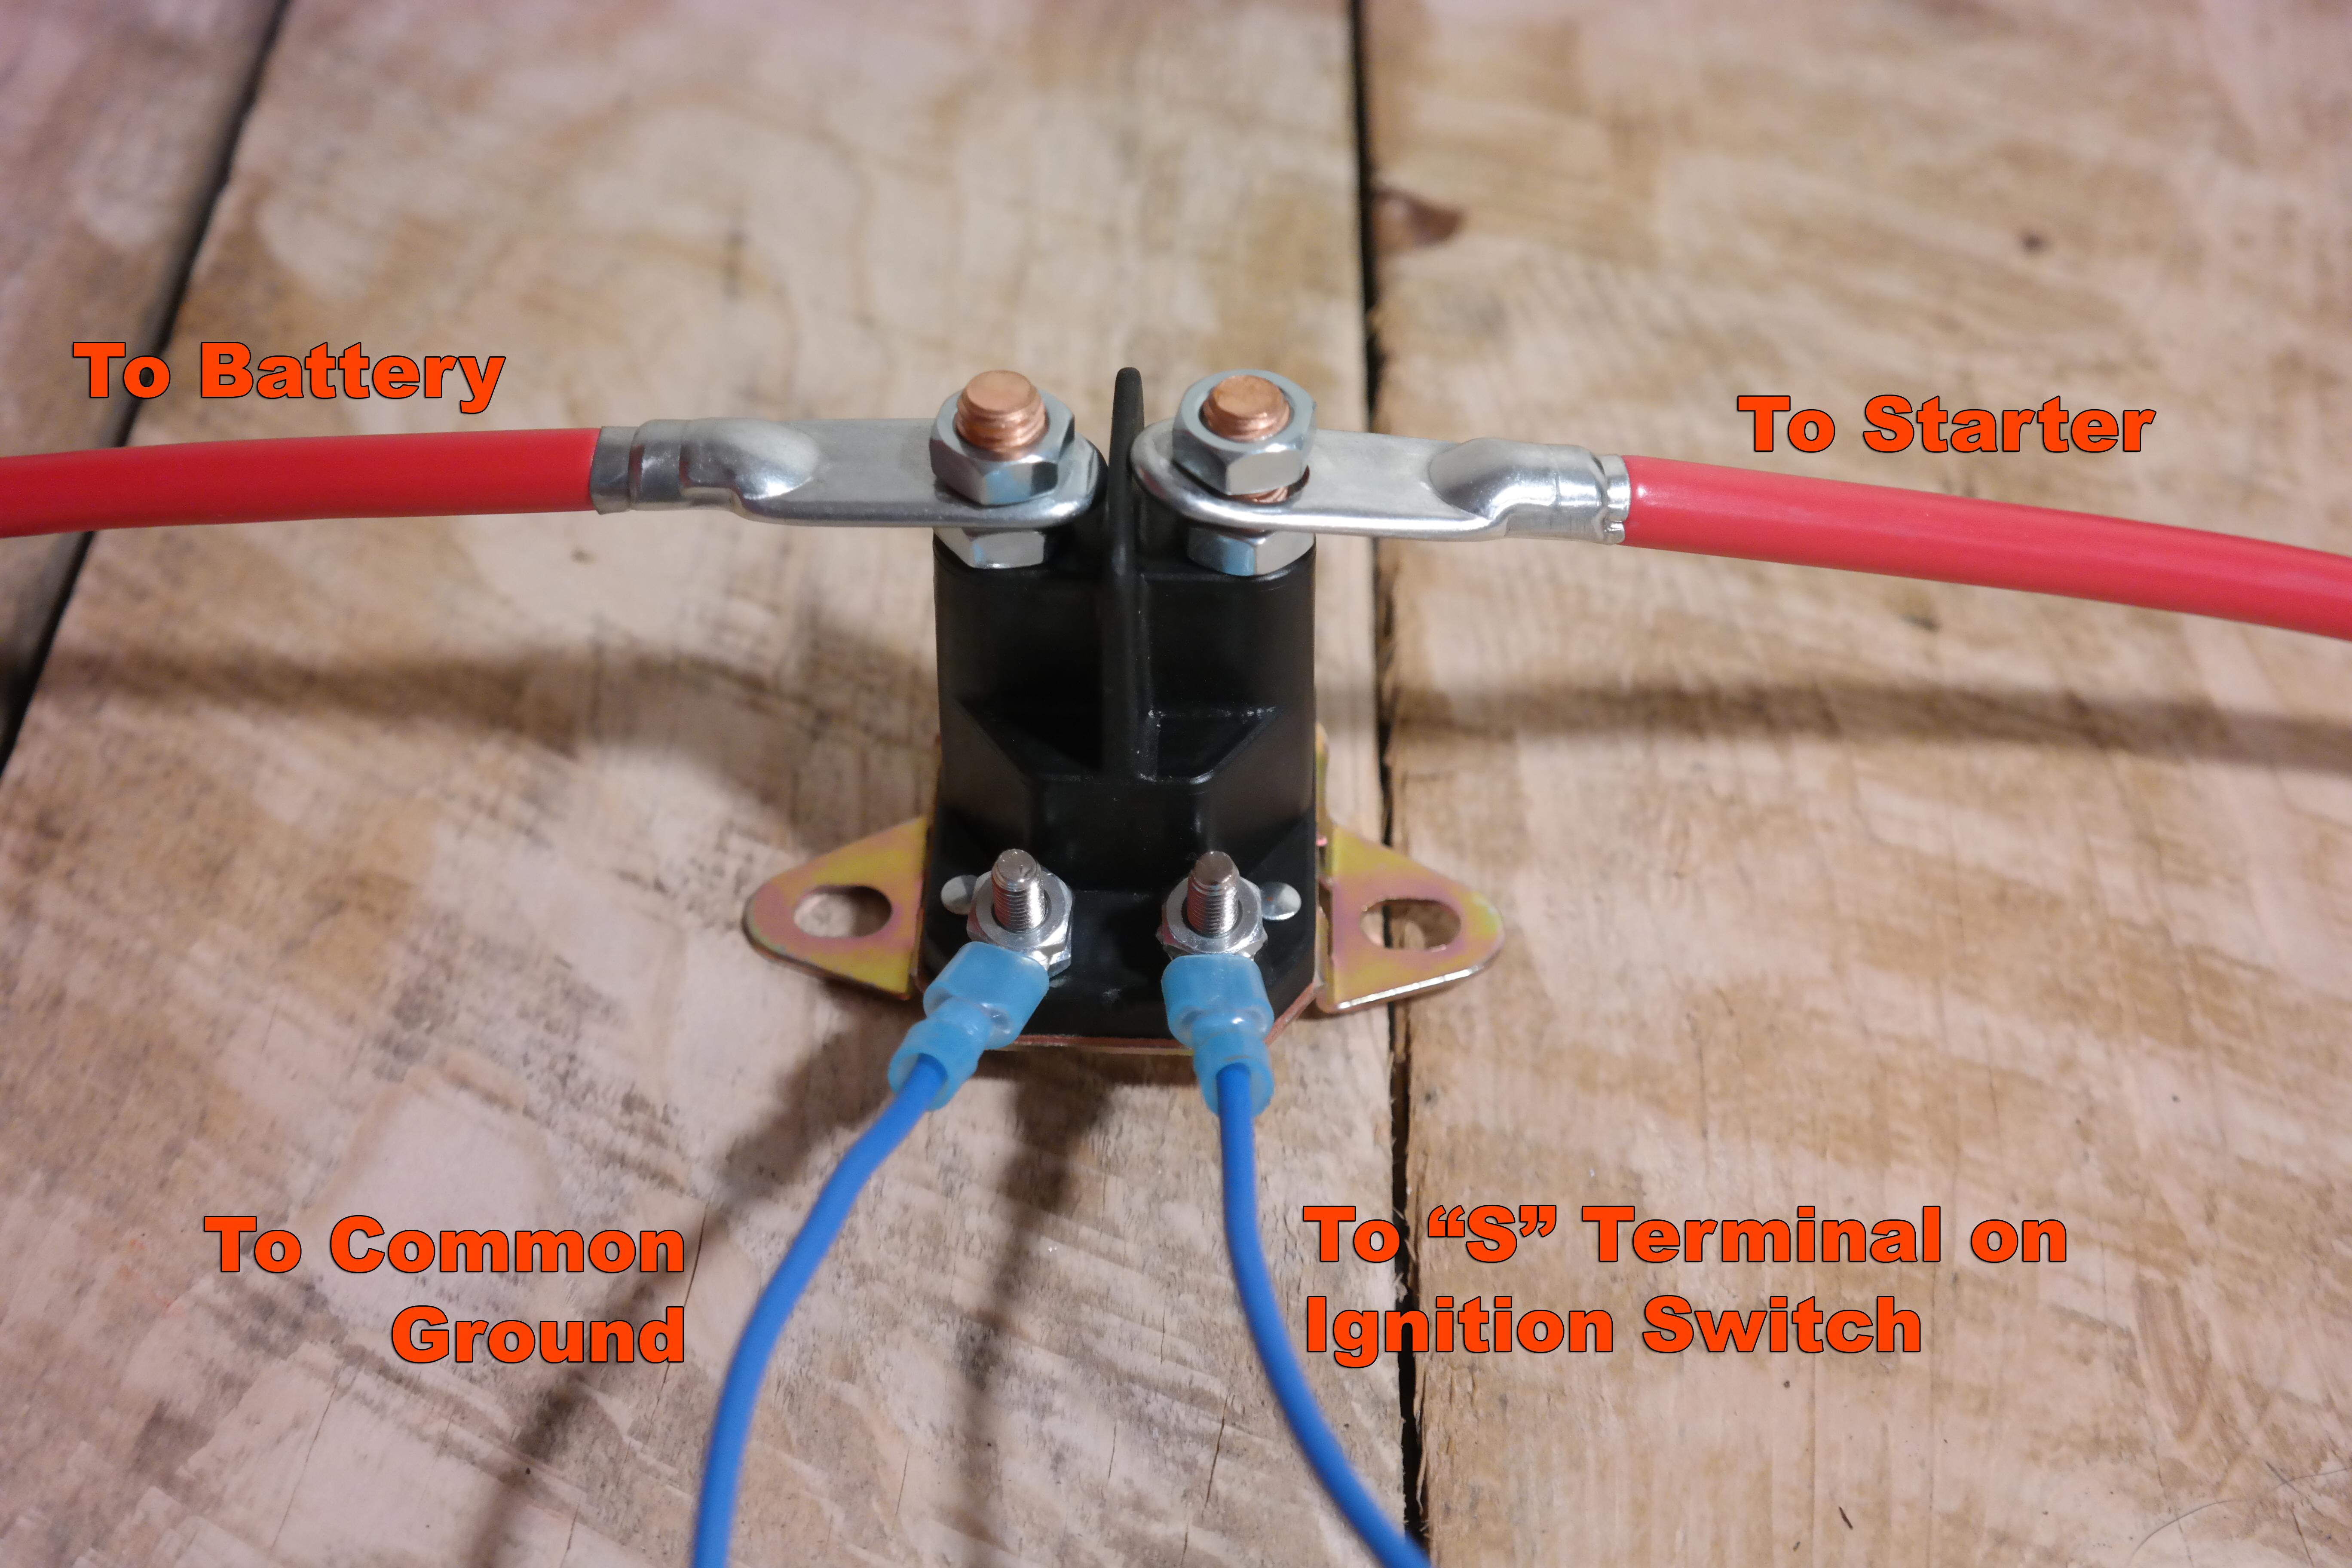 starter solenoid mtd solenoid wiring diagram turcolea com mtd solenoid wiring diagram at alyssarenee.co